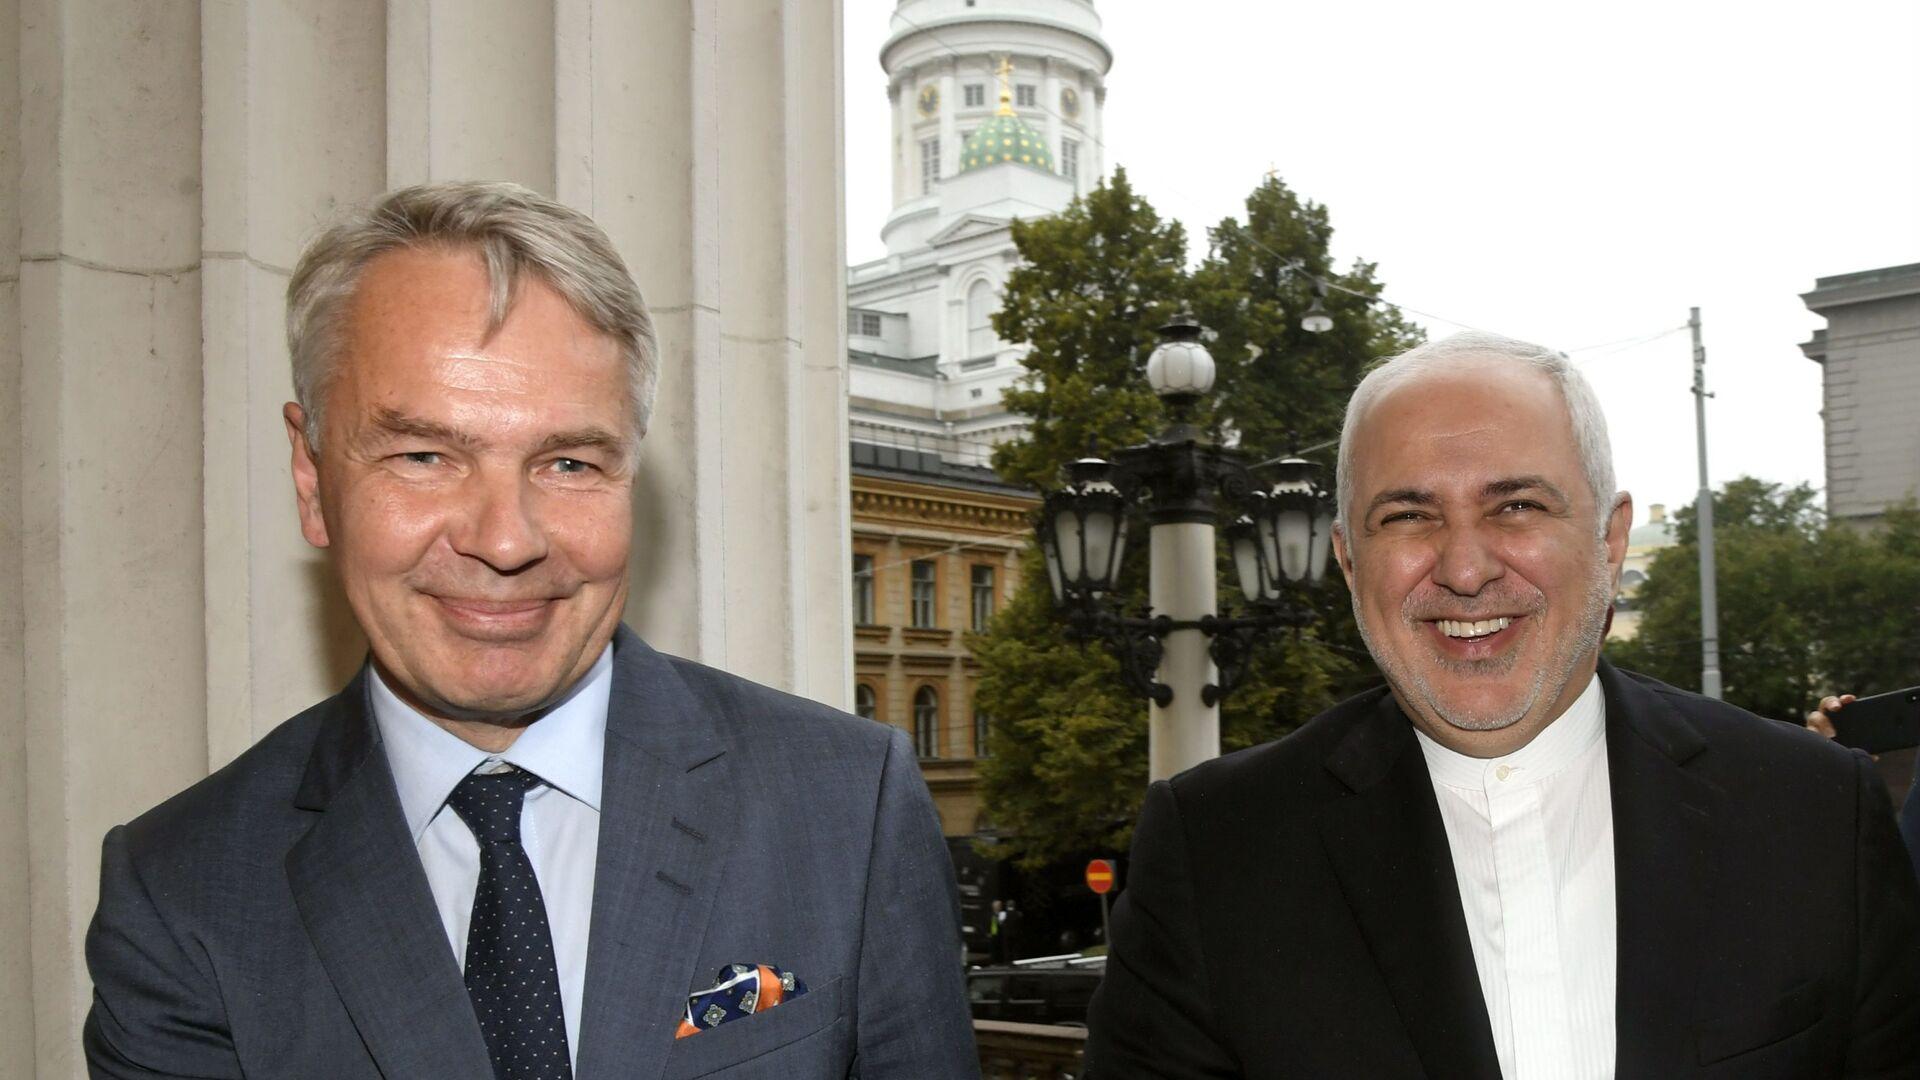 Il primo ministro della Finlandia Pekka Haavisto (L) ed il ministro degli Esteri dell'Iran Mohammed Javad Zarif a Helsinki - Sputnik Italia, 1920, 08.07.2021